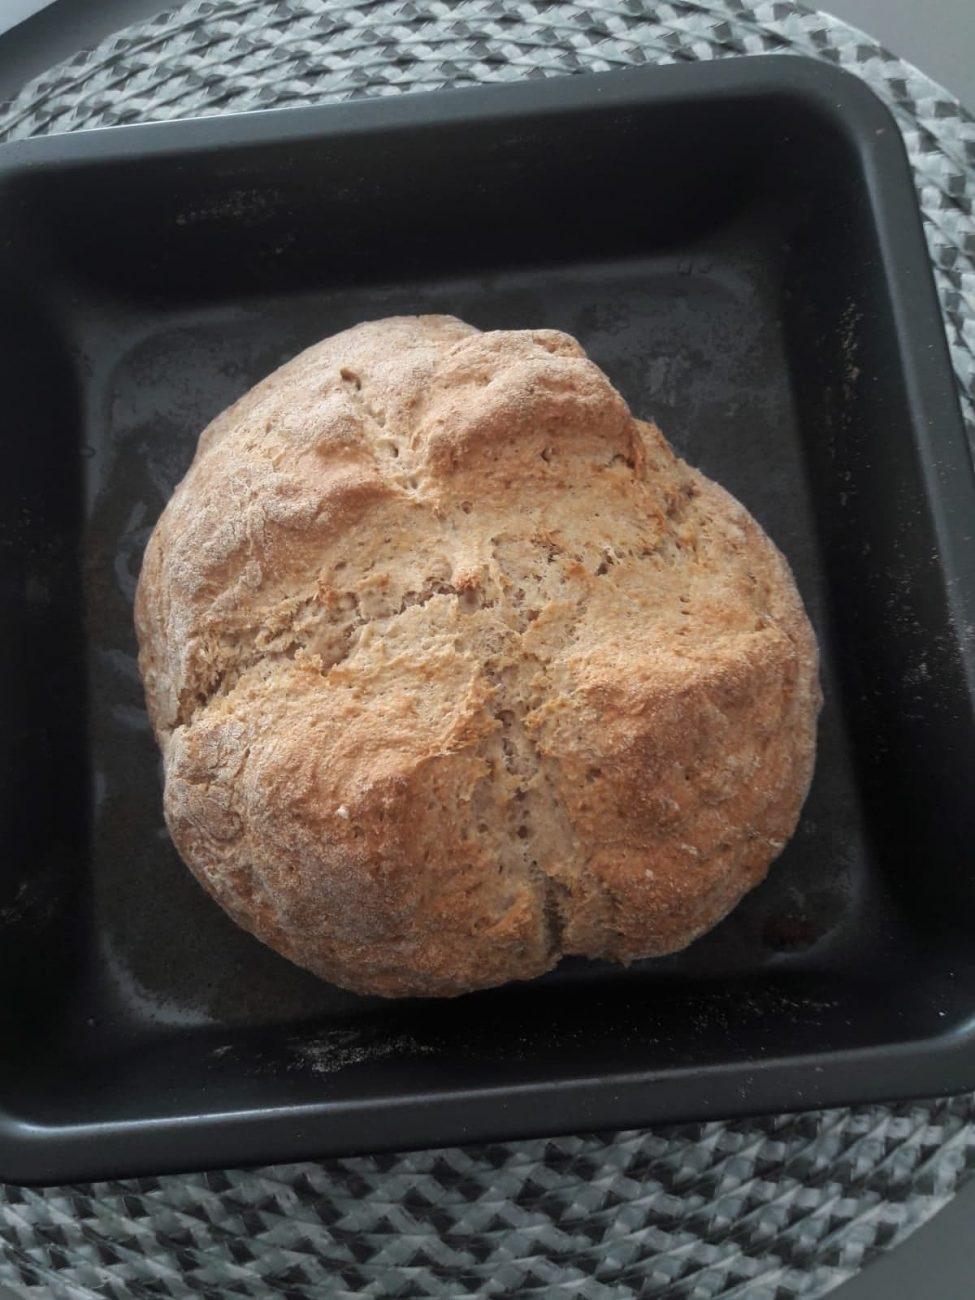 Kruh gotov za pola sata